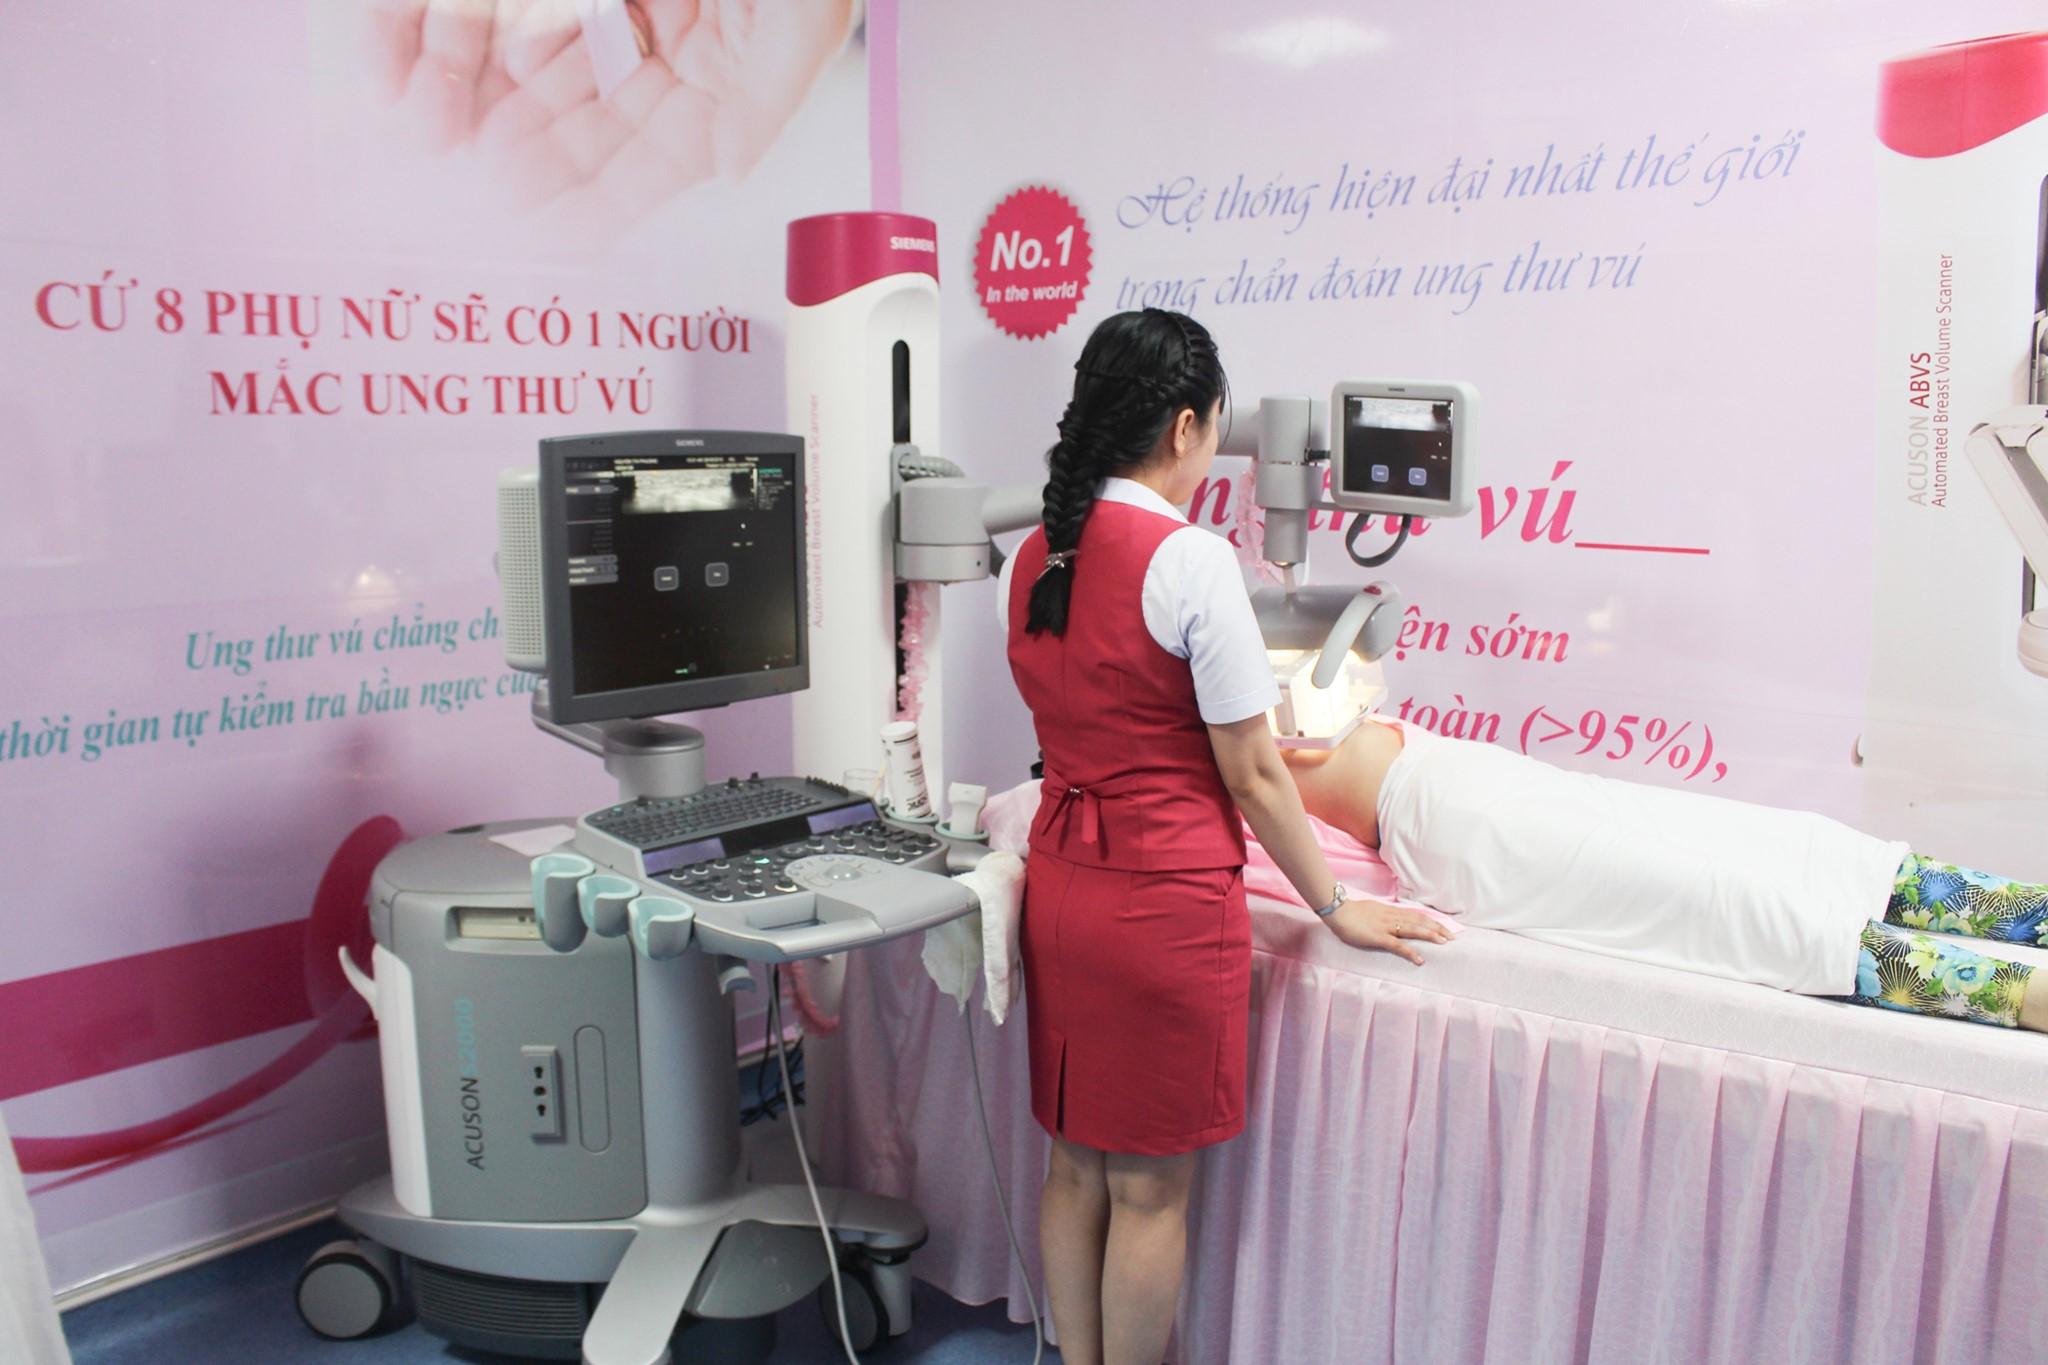 Cơ hội tầm soát ung thư tuyến vú với Combo Dịch vụ 3 IN 1 chỉ với 1 triệu đồng